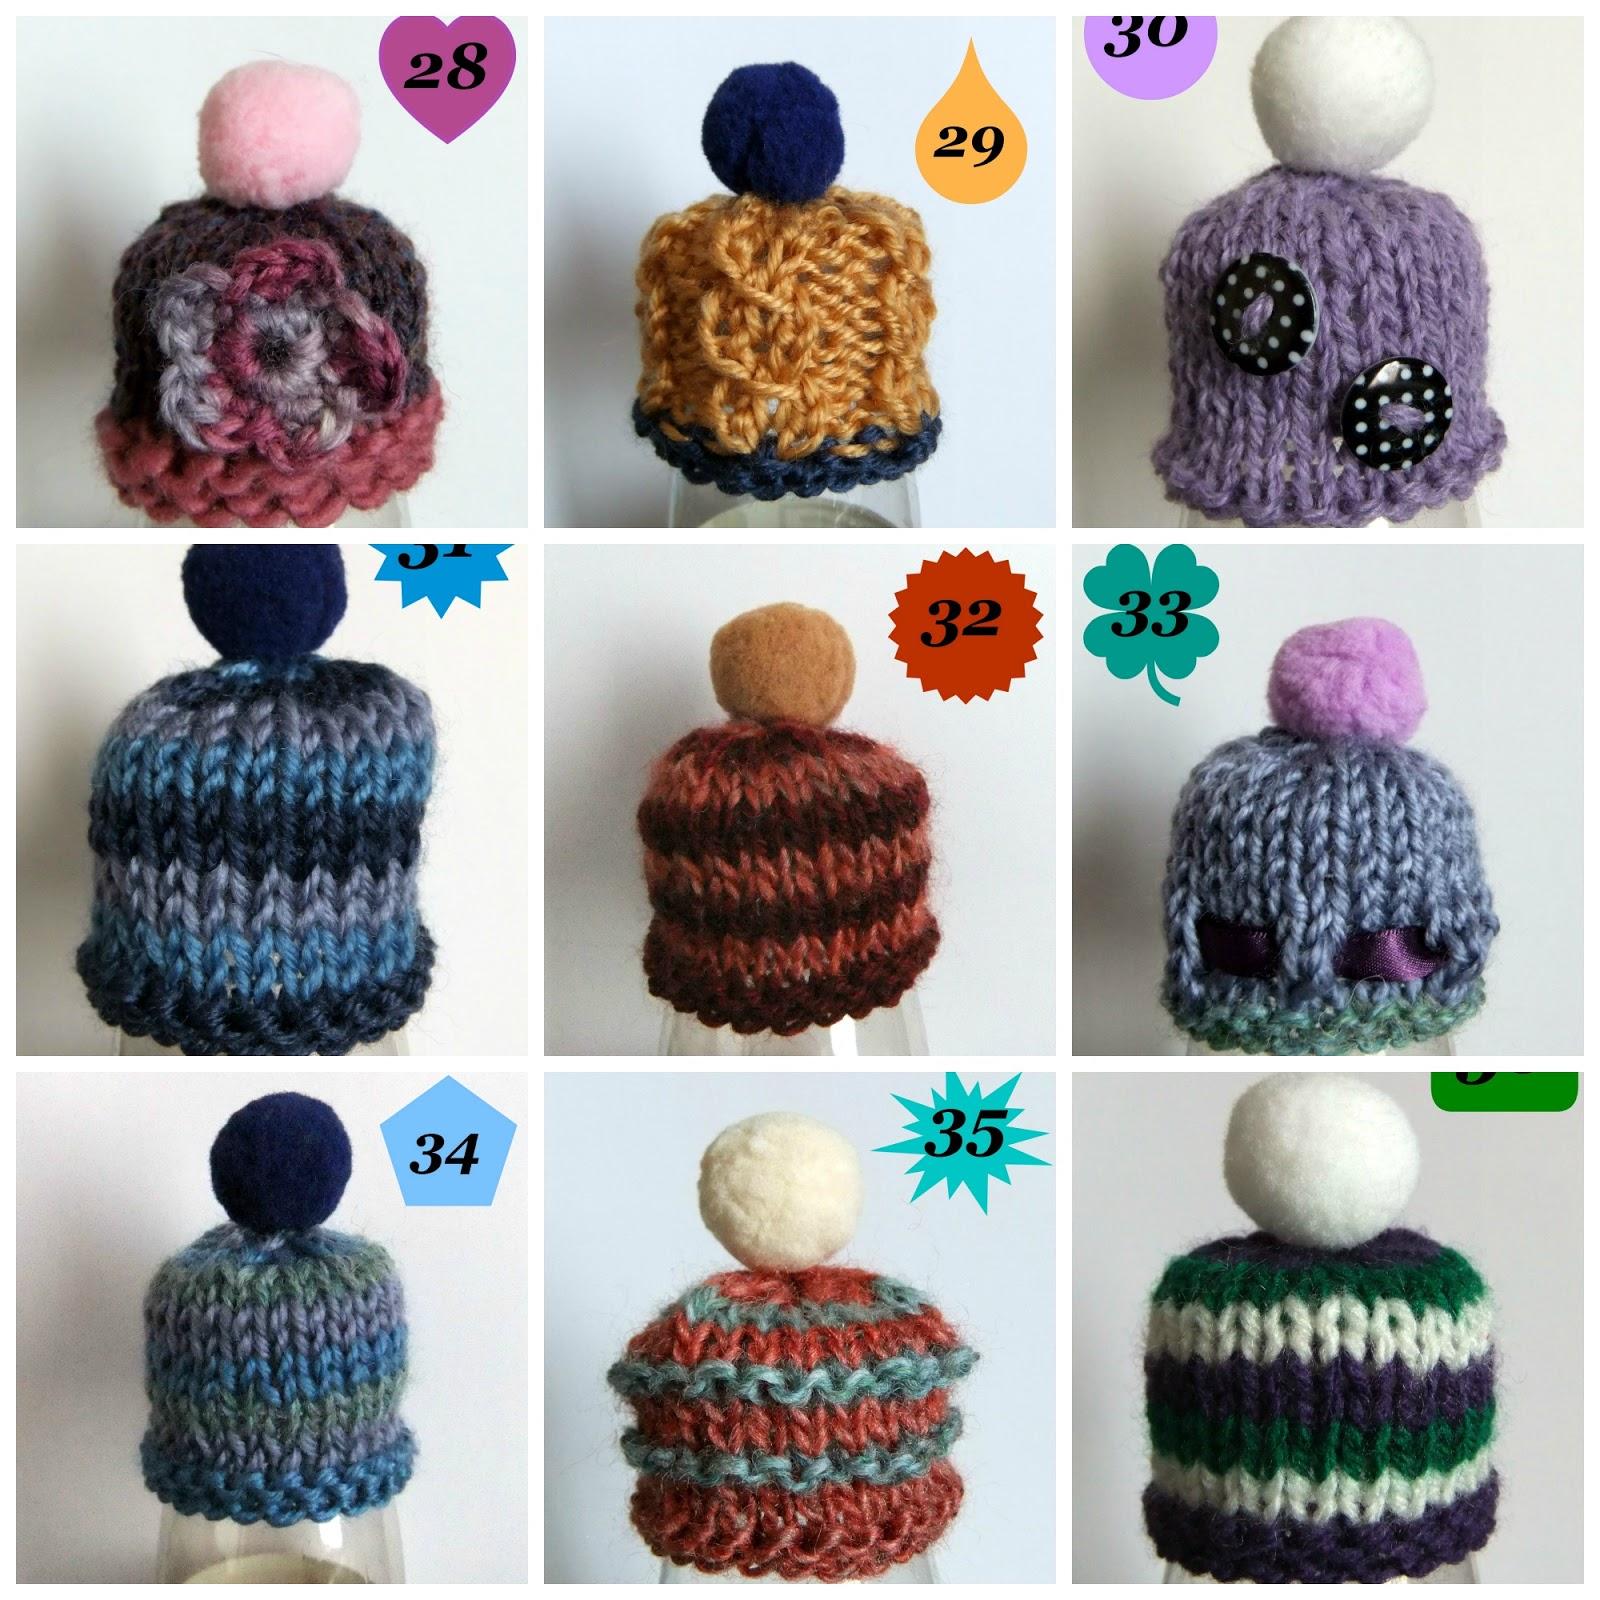 The Big Knit Patterns : Ozzy Blackbeard: The Big Knit 2013